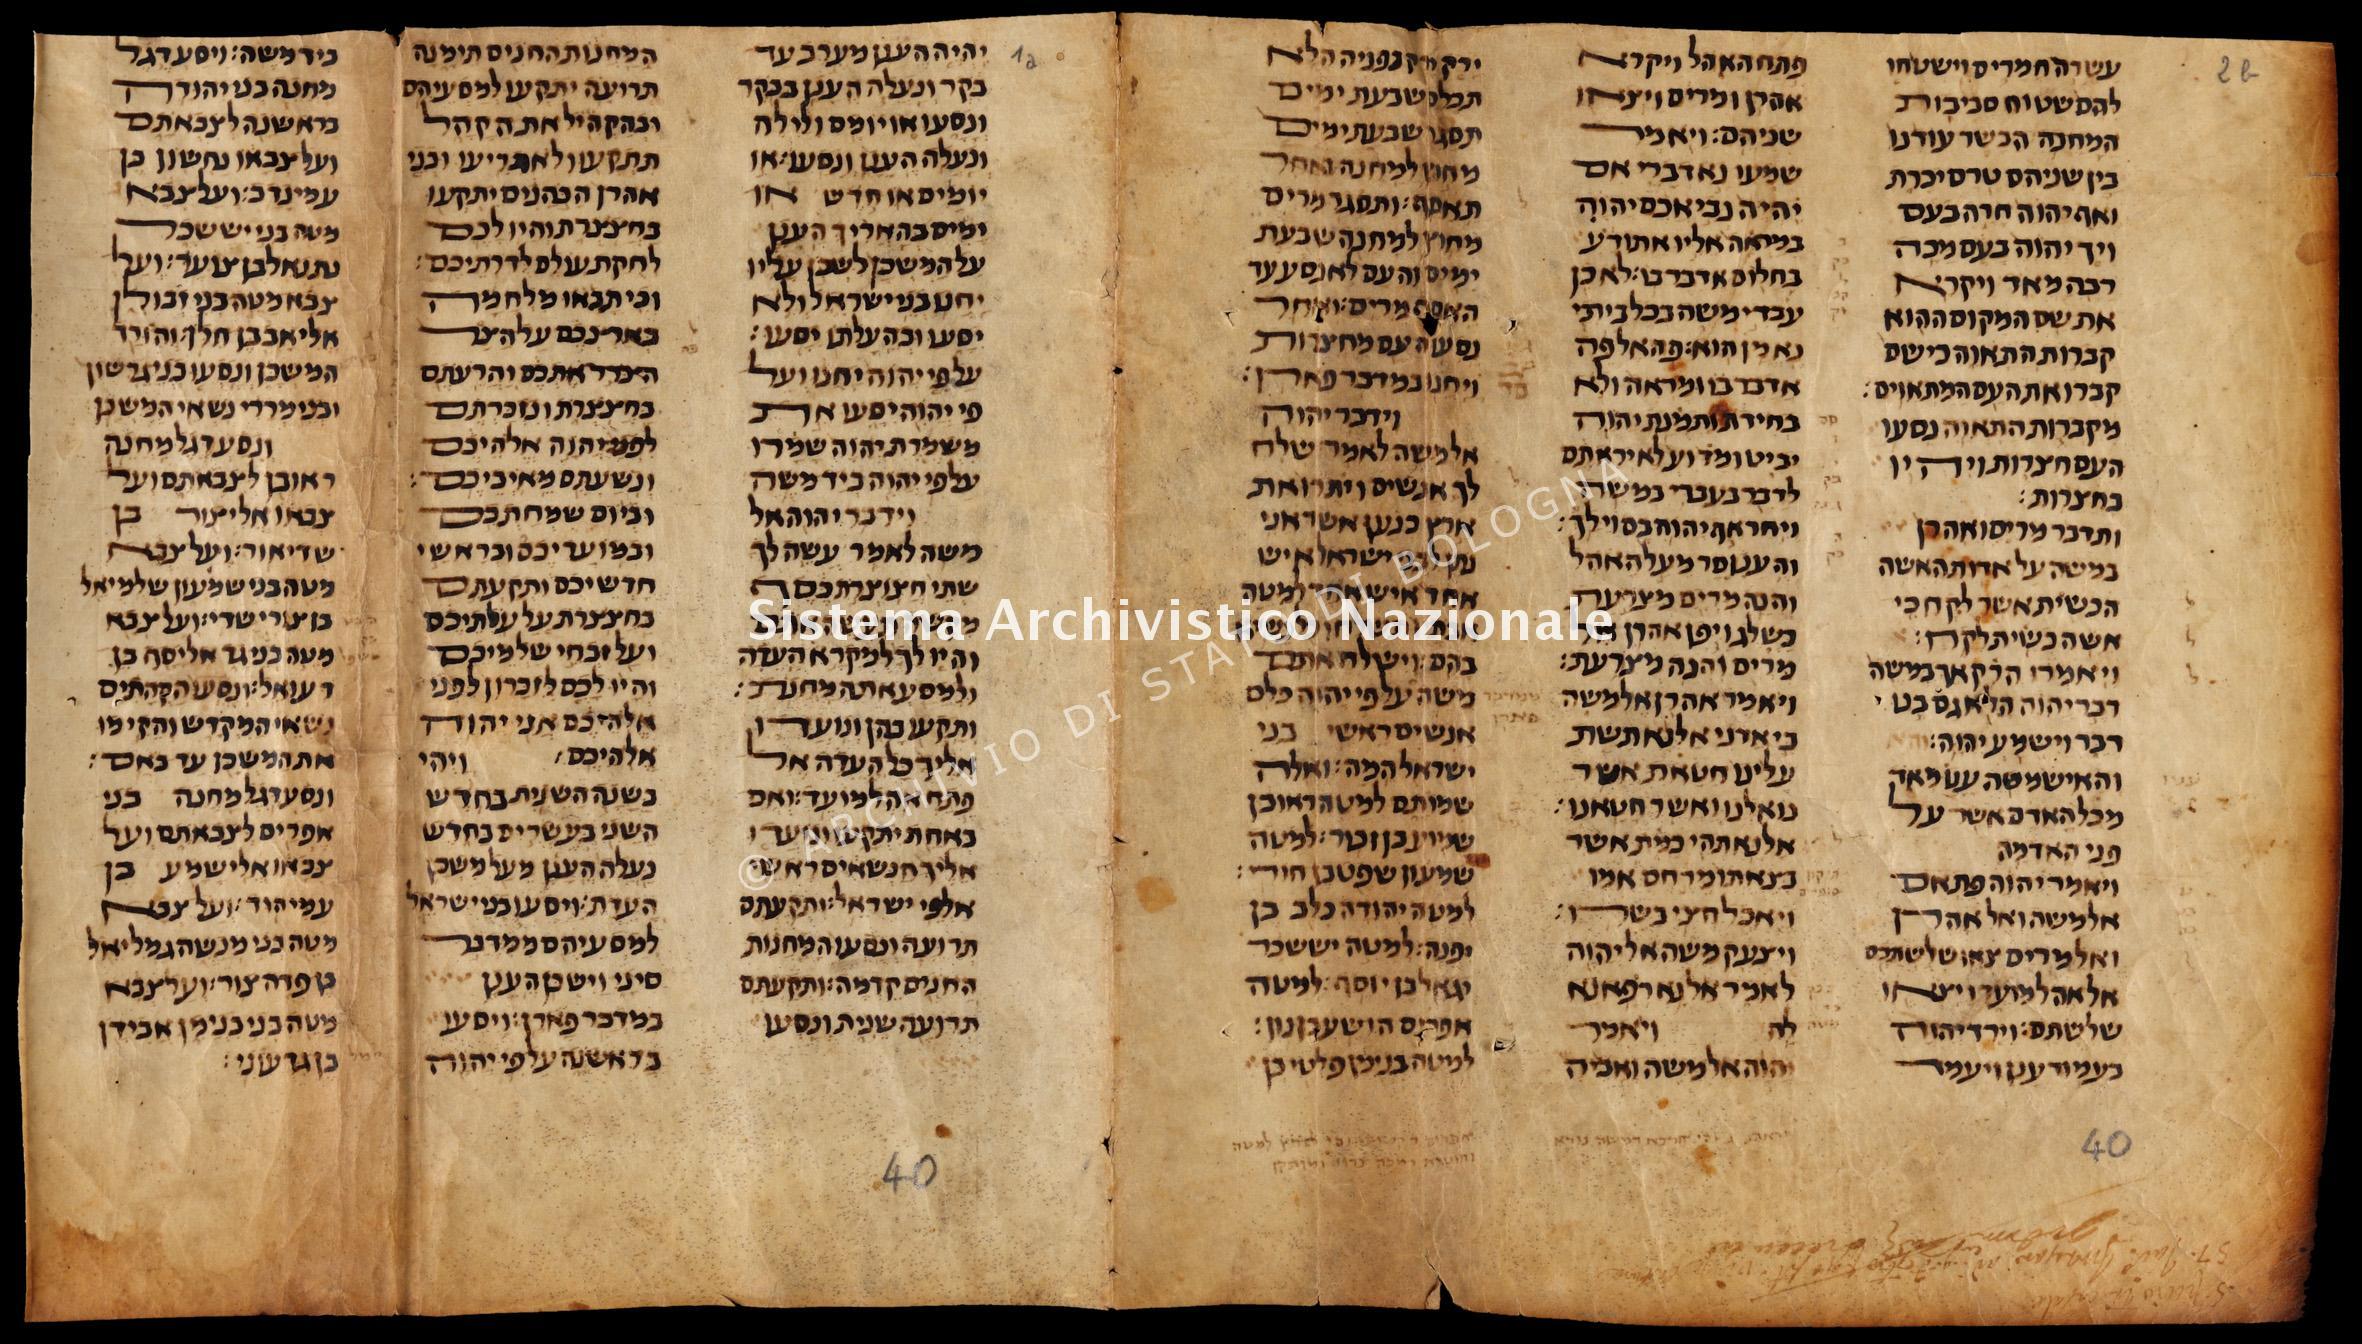 B.01.000, Archivio di Stato di Bologna, Frammenti di manoscritti, Frammenti di manoscritti ebraici, Frammento n. 040, recto